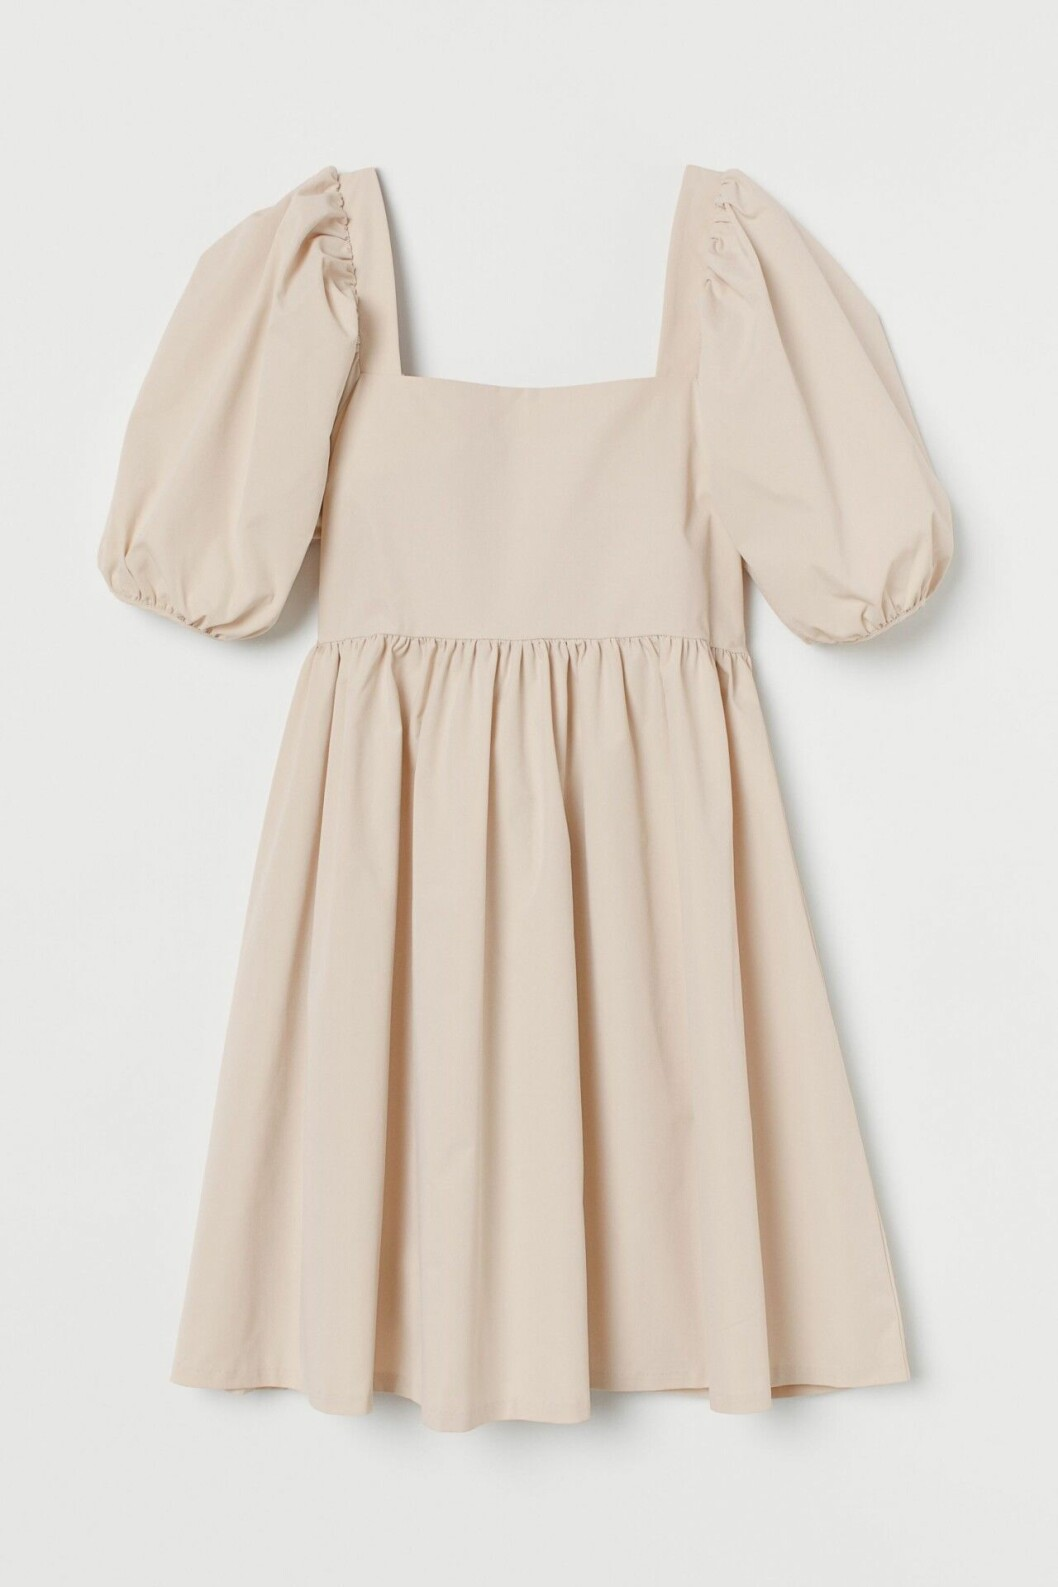 Beige klänning med öppen rygg och knytdetalj